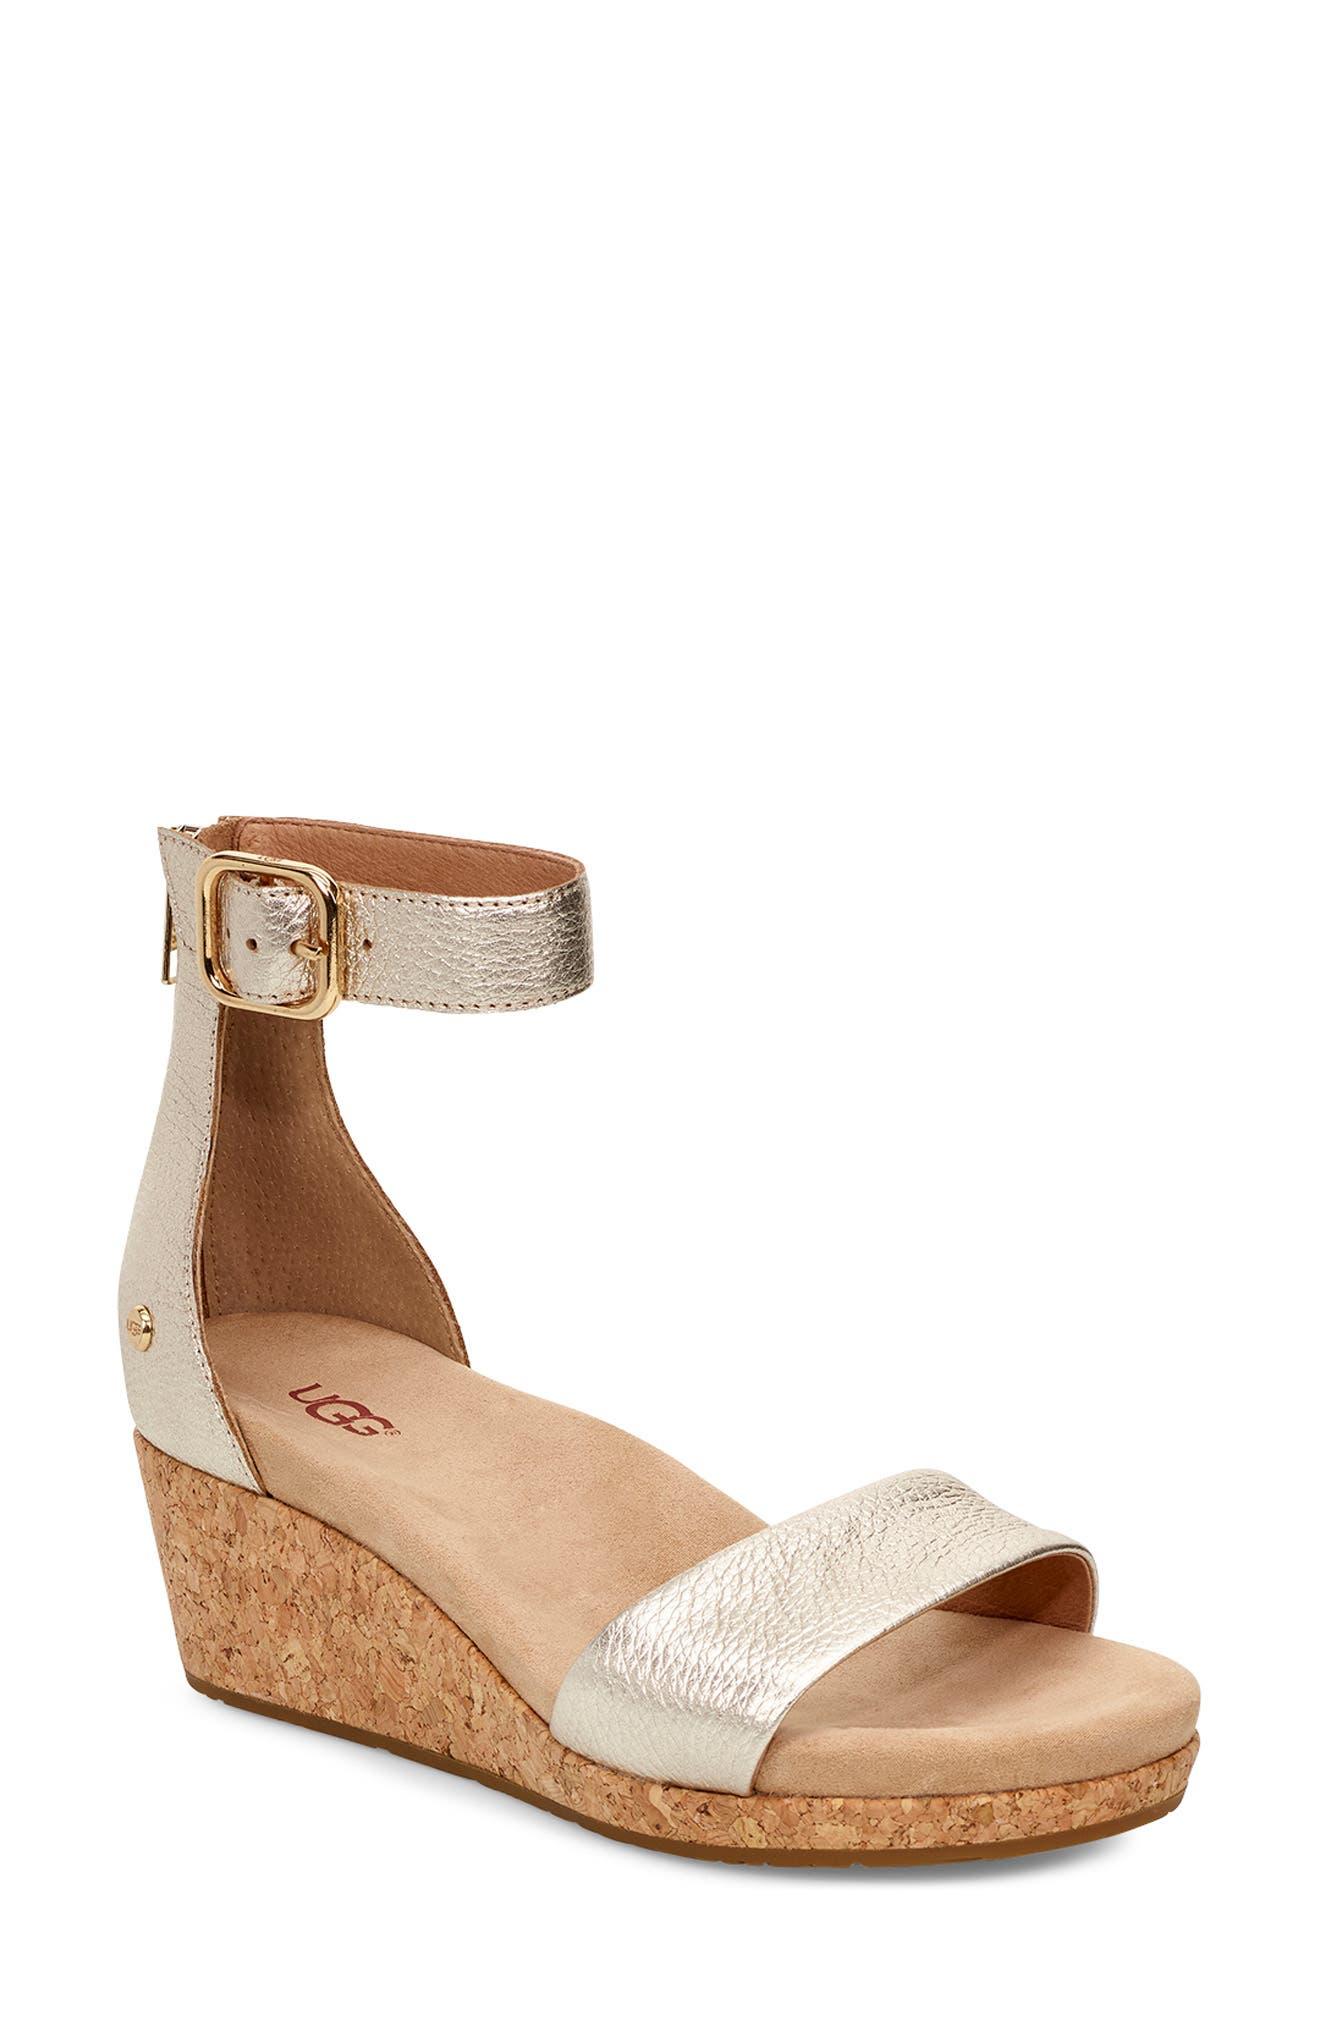 Zoe II Metallic Wedge Sandal, Main, color, GOLD LEATHER